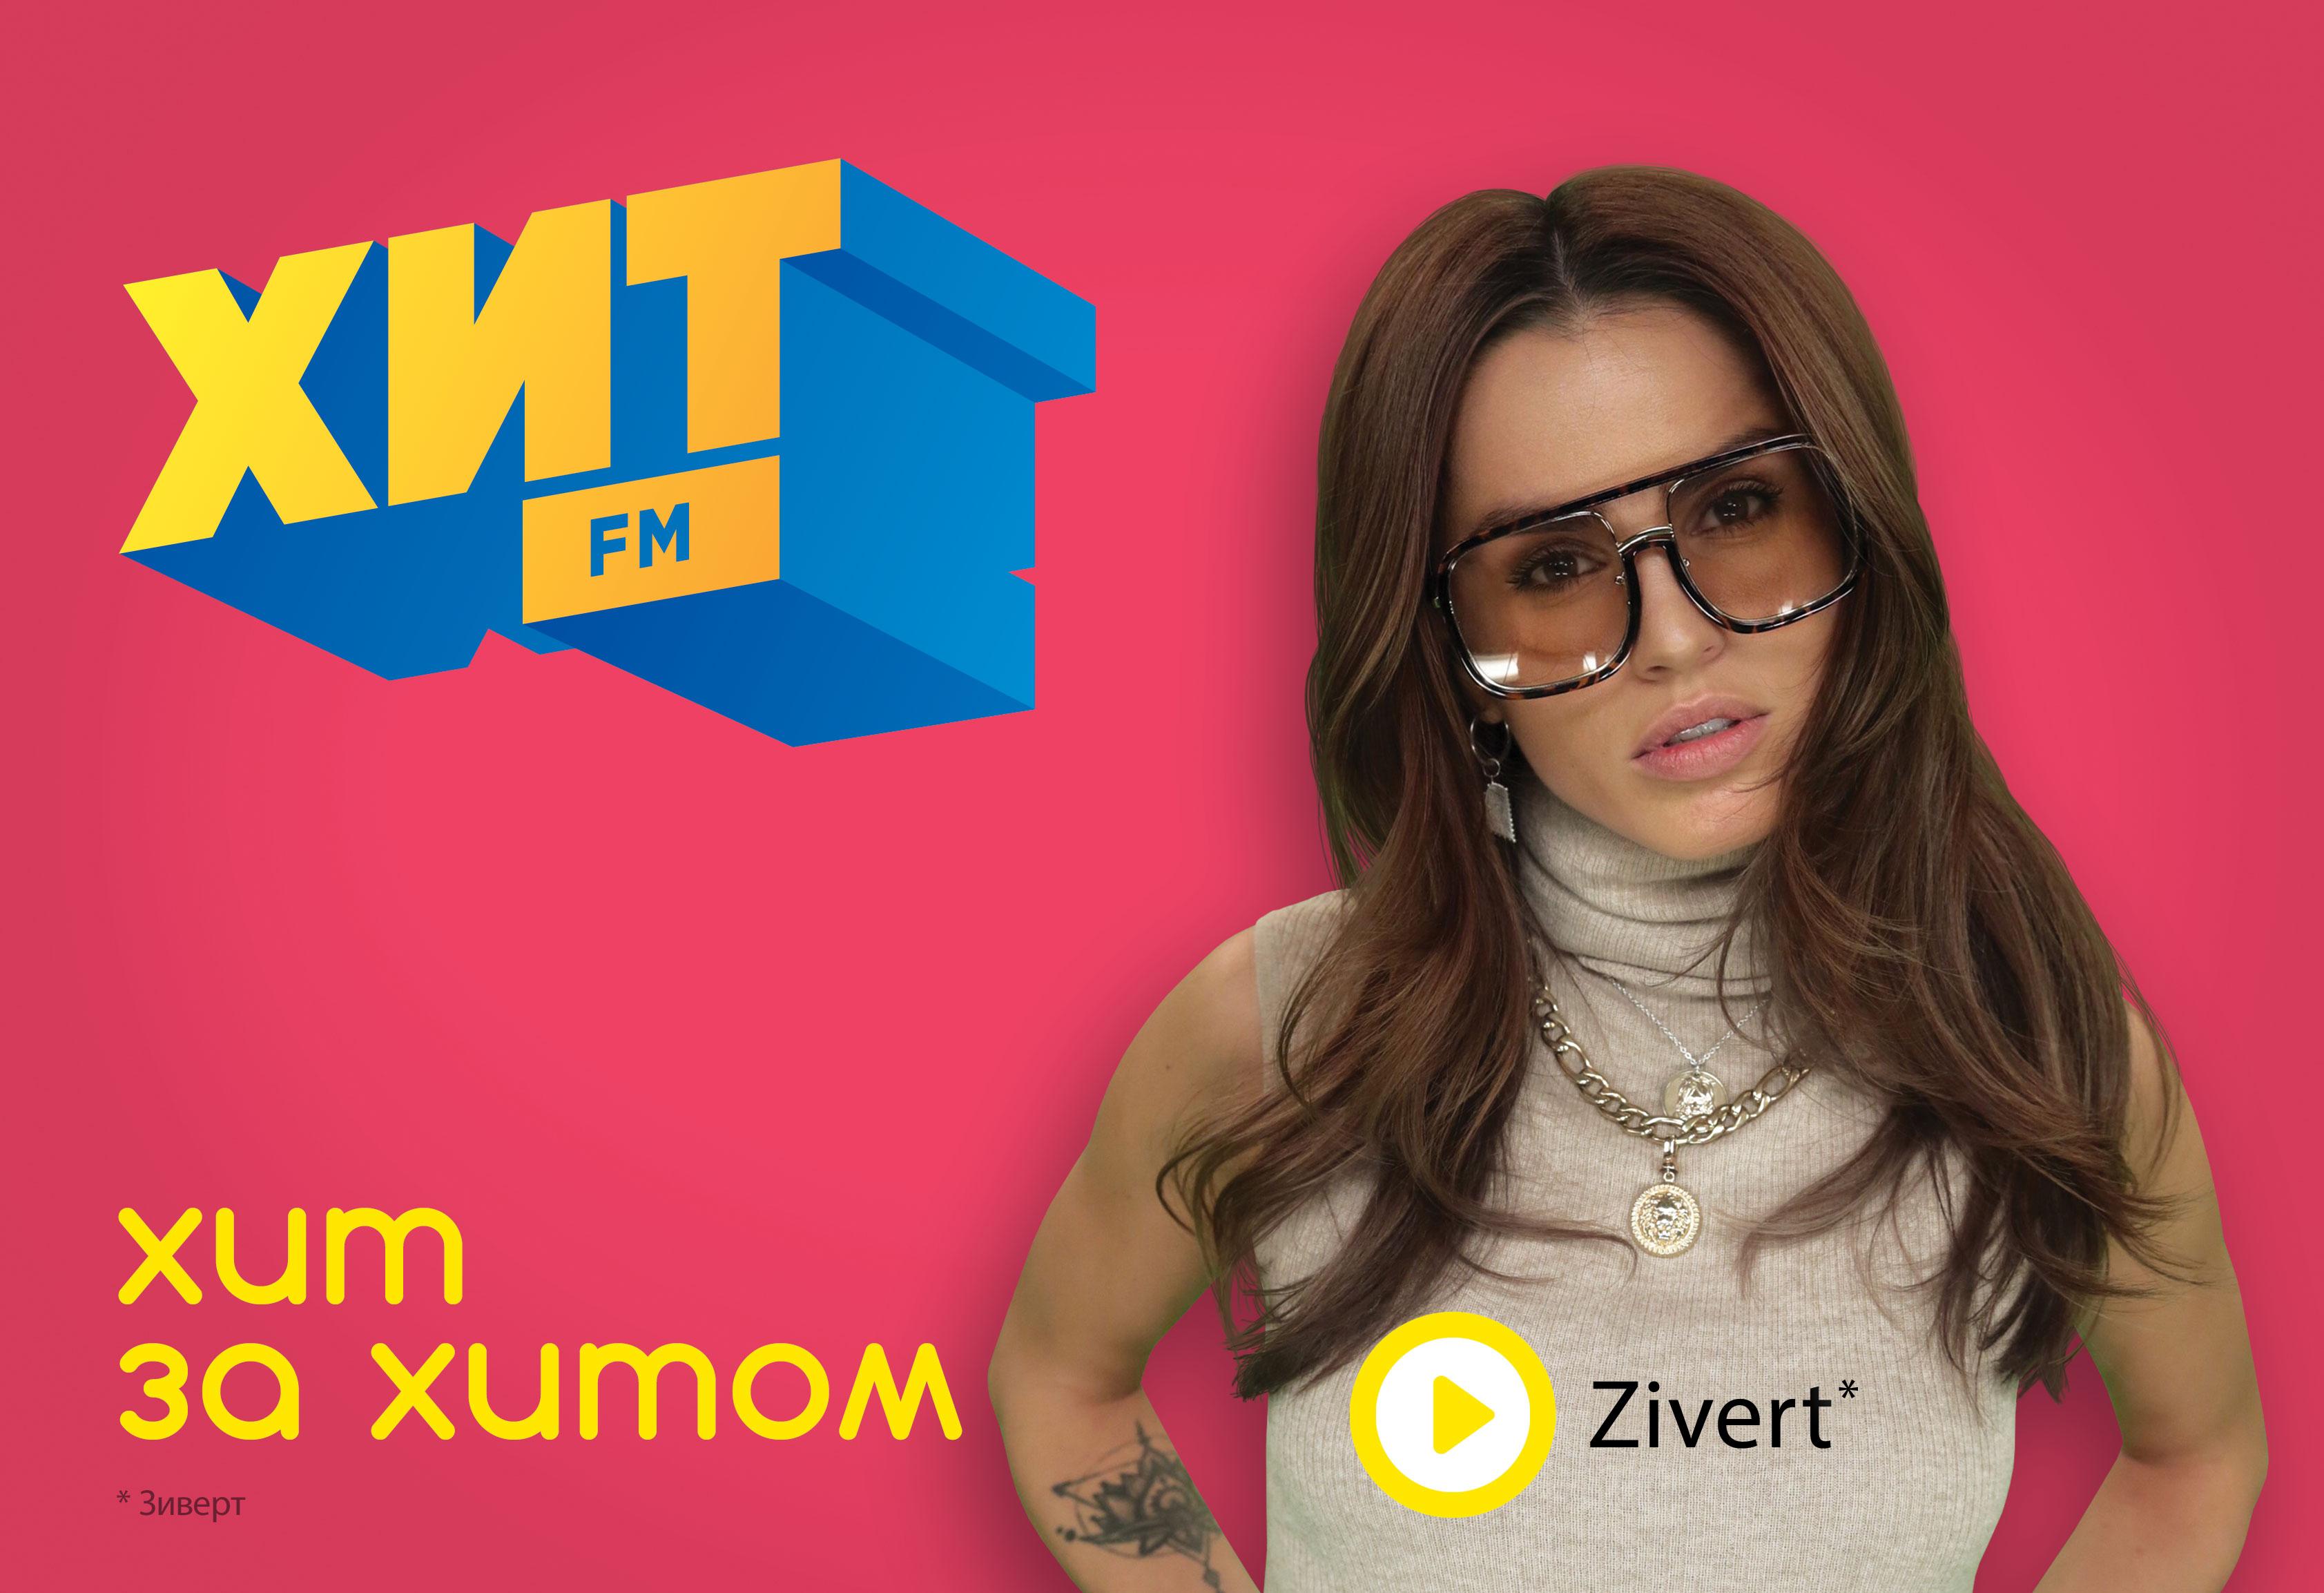 HITFM-a4-Zivert-gor